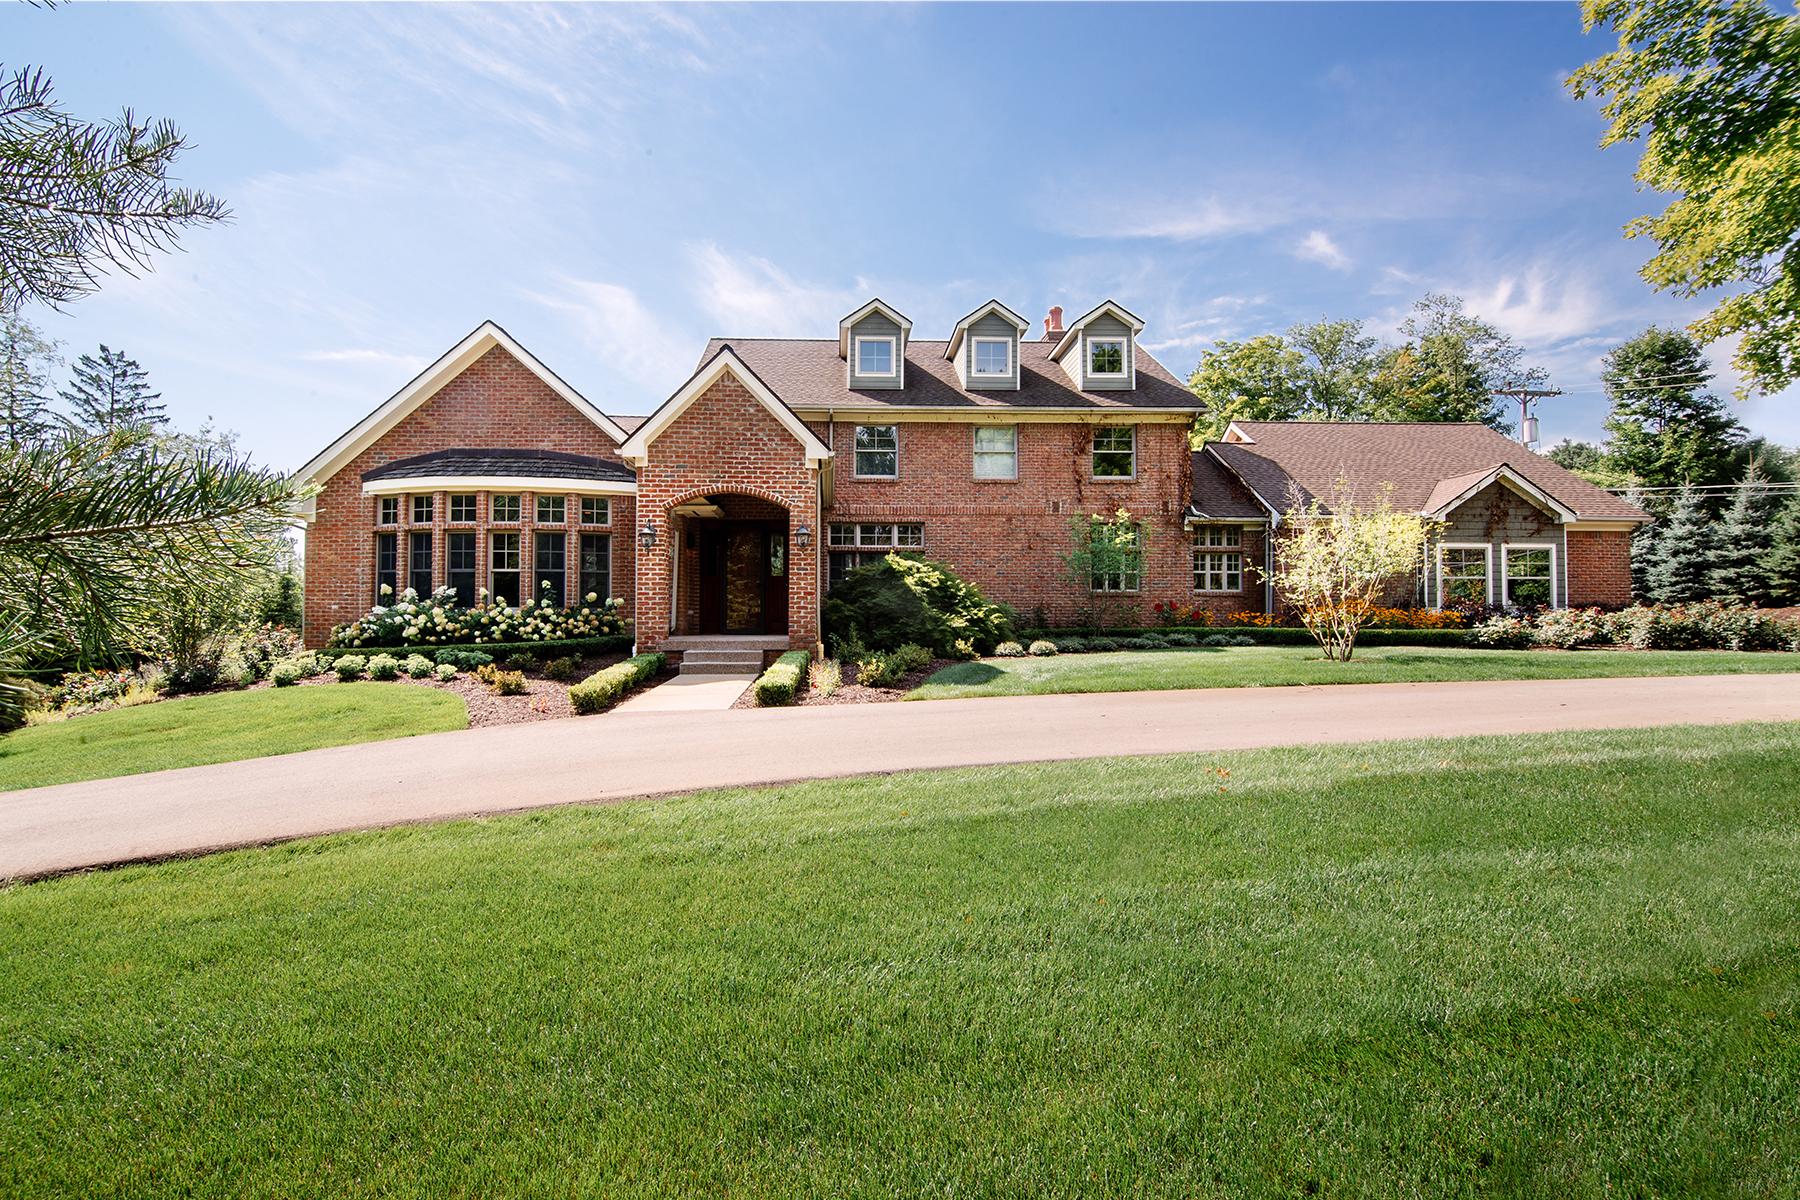 Частный односемейный дом для того Продажа на Northville Township 44609 Cherry Ridge Road Northville Township, Мичиган, 48168 Соединенные Штаты